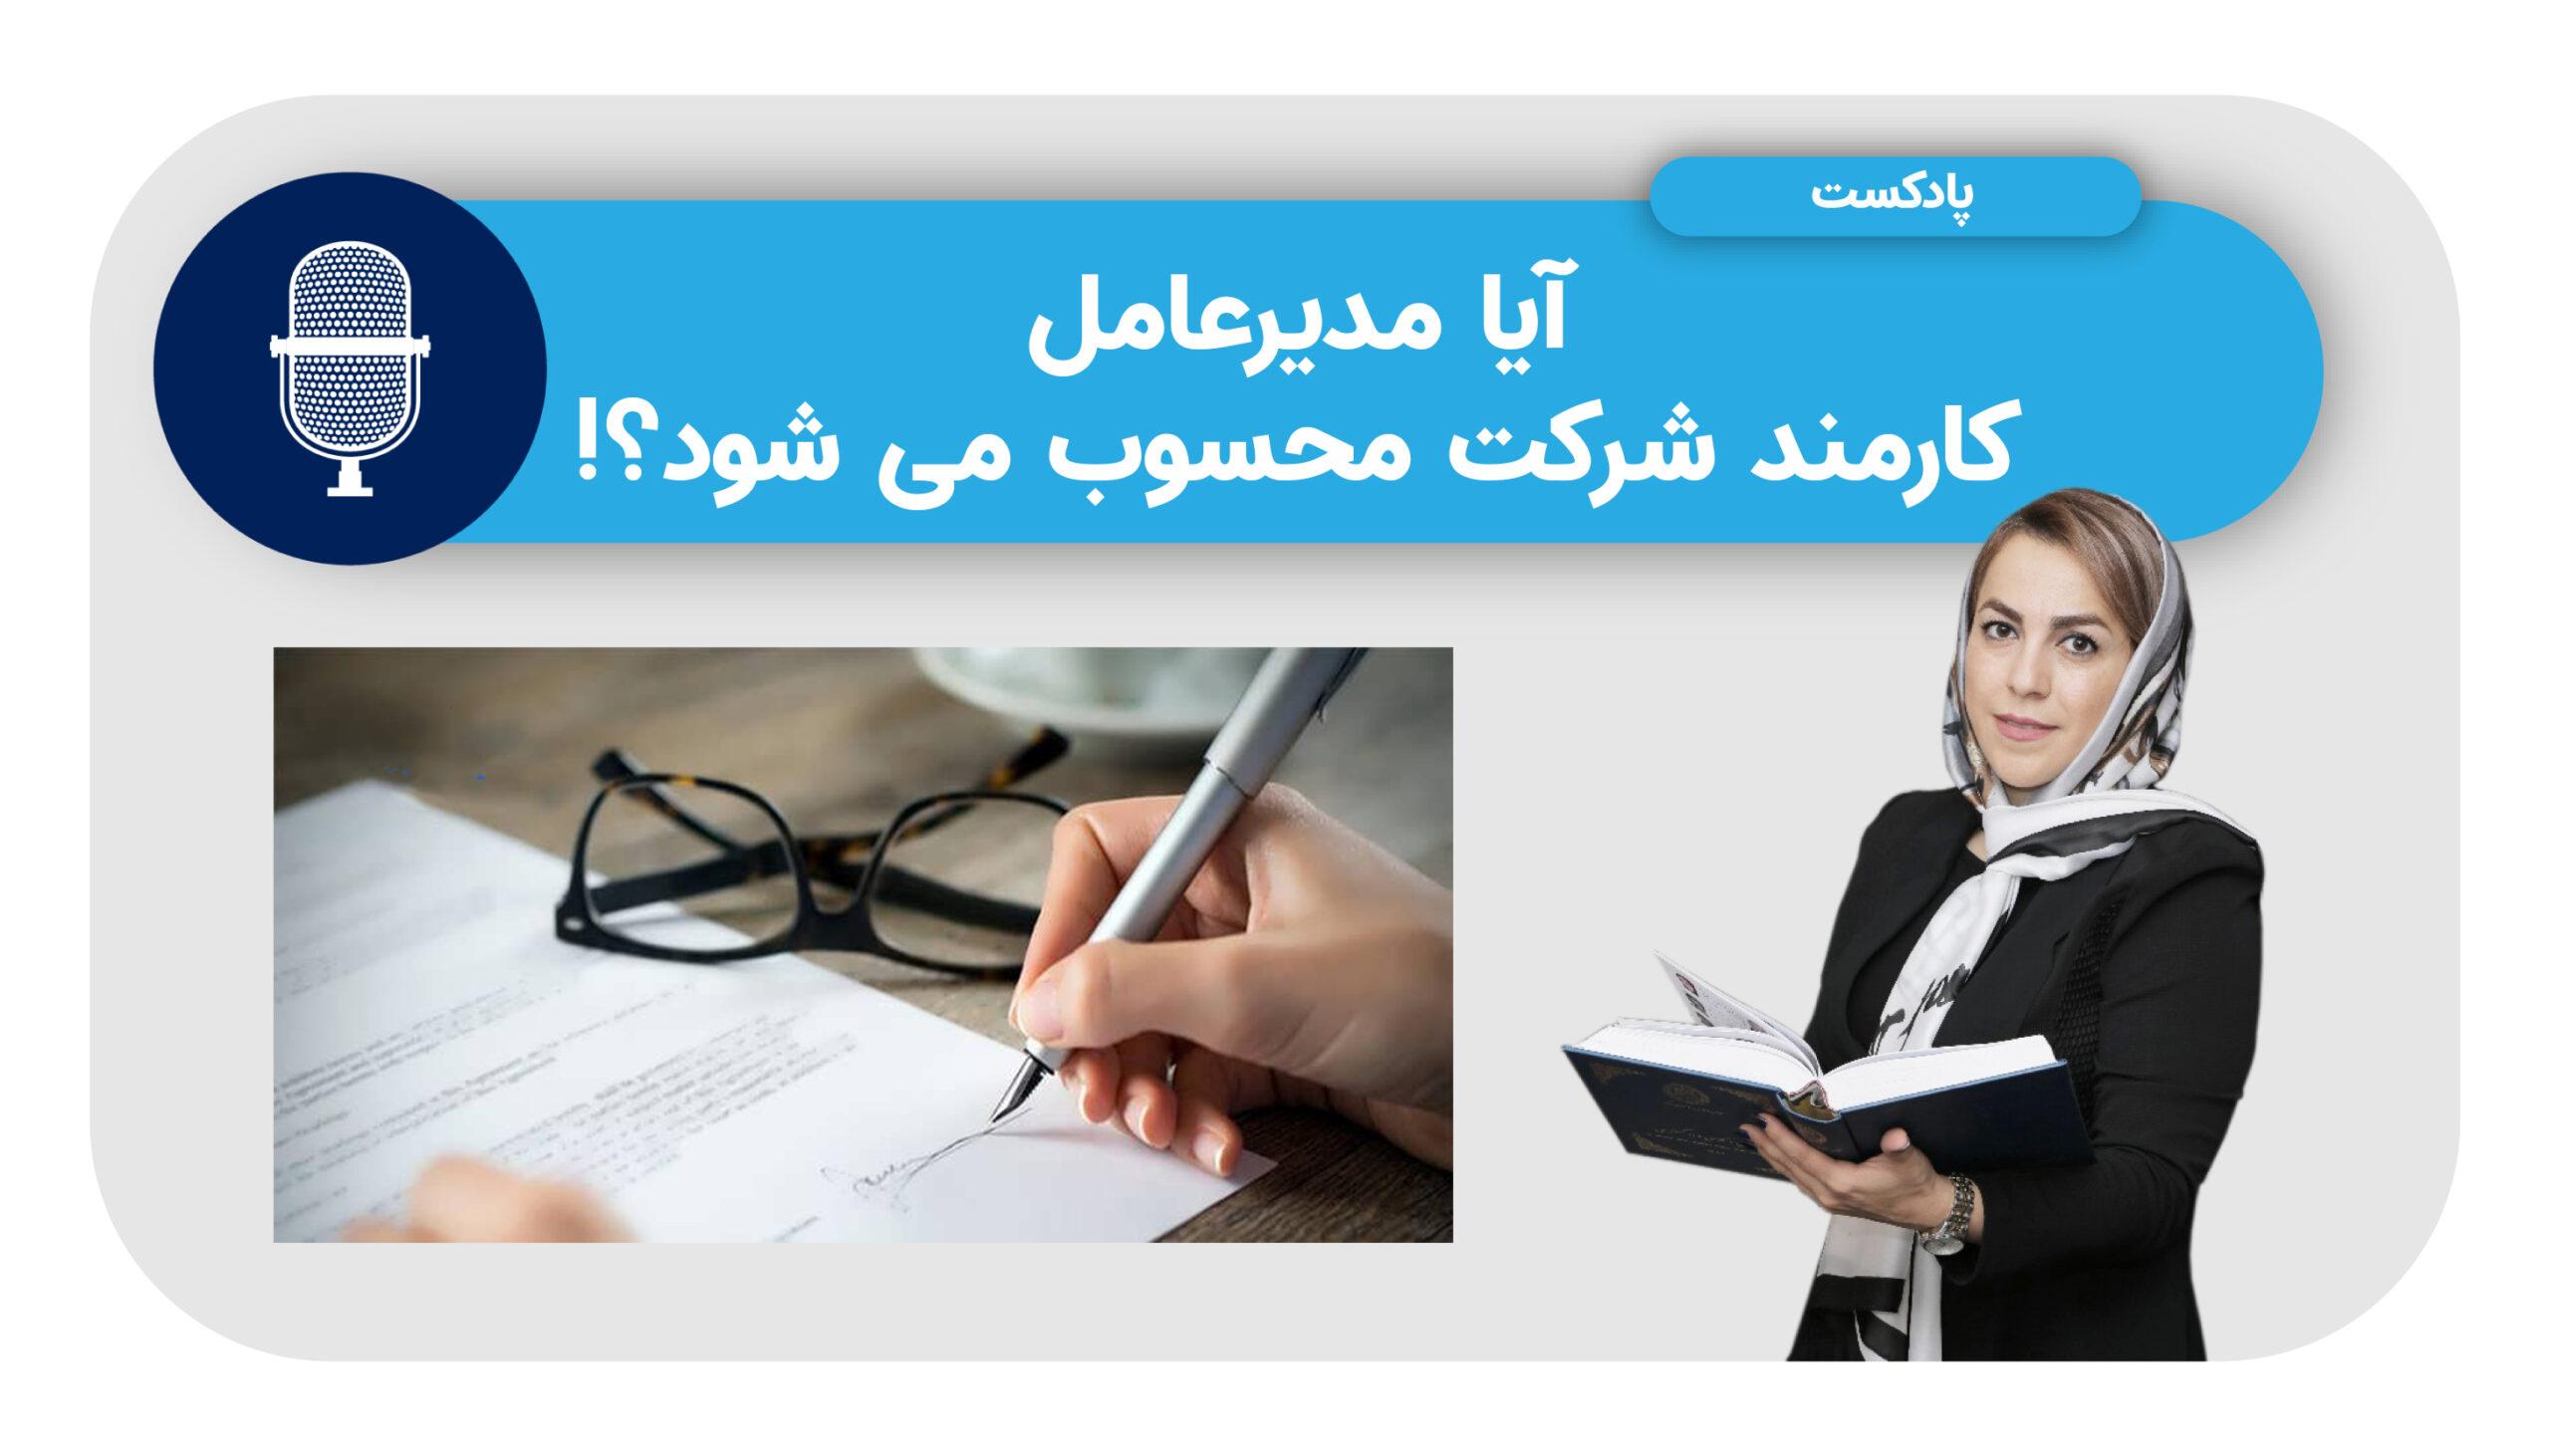 آیا مدیرعامل کارمند شرکت محسوب می شود؟!